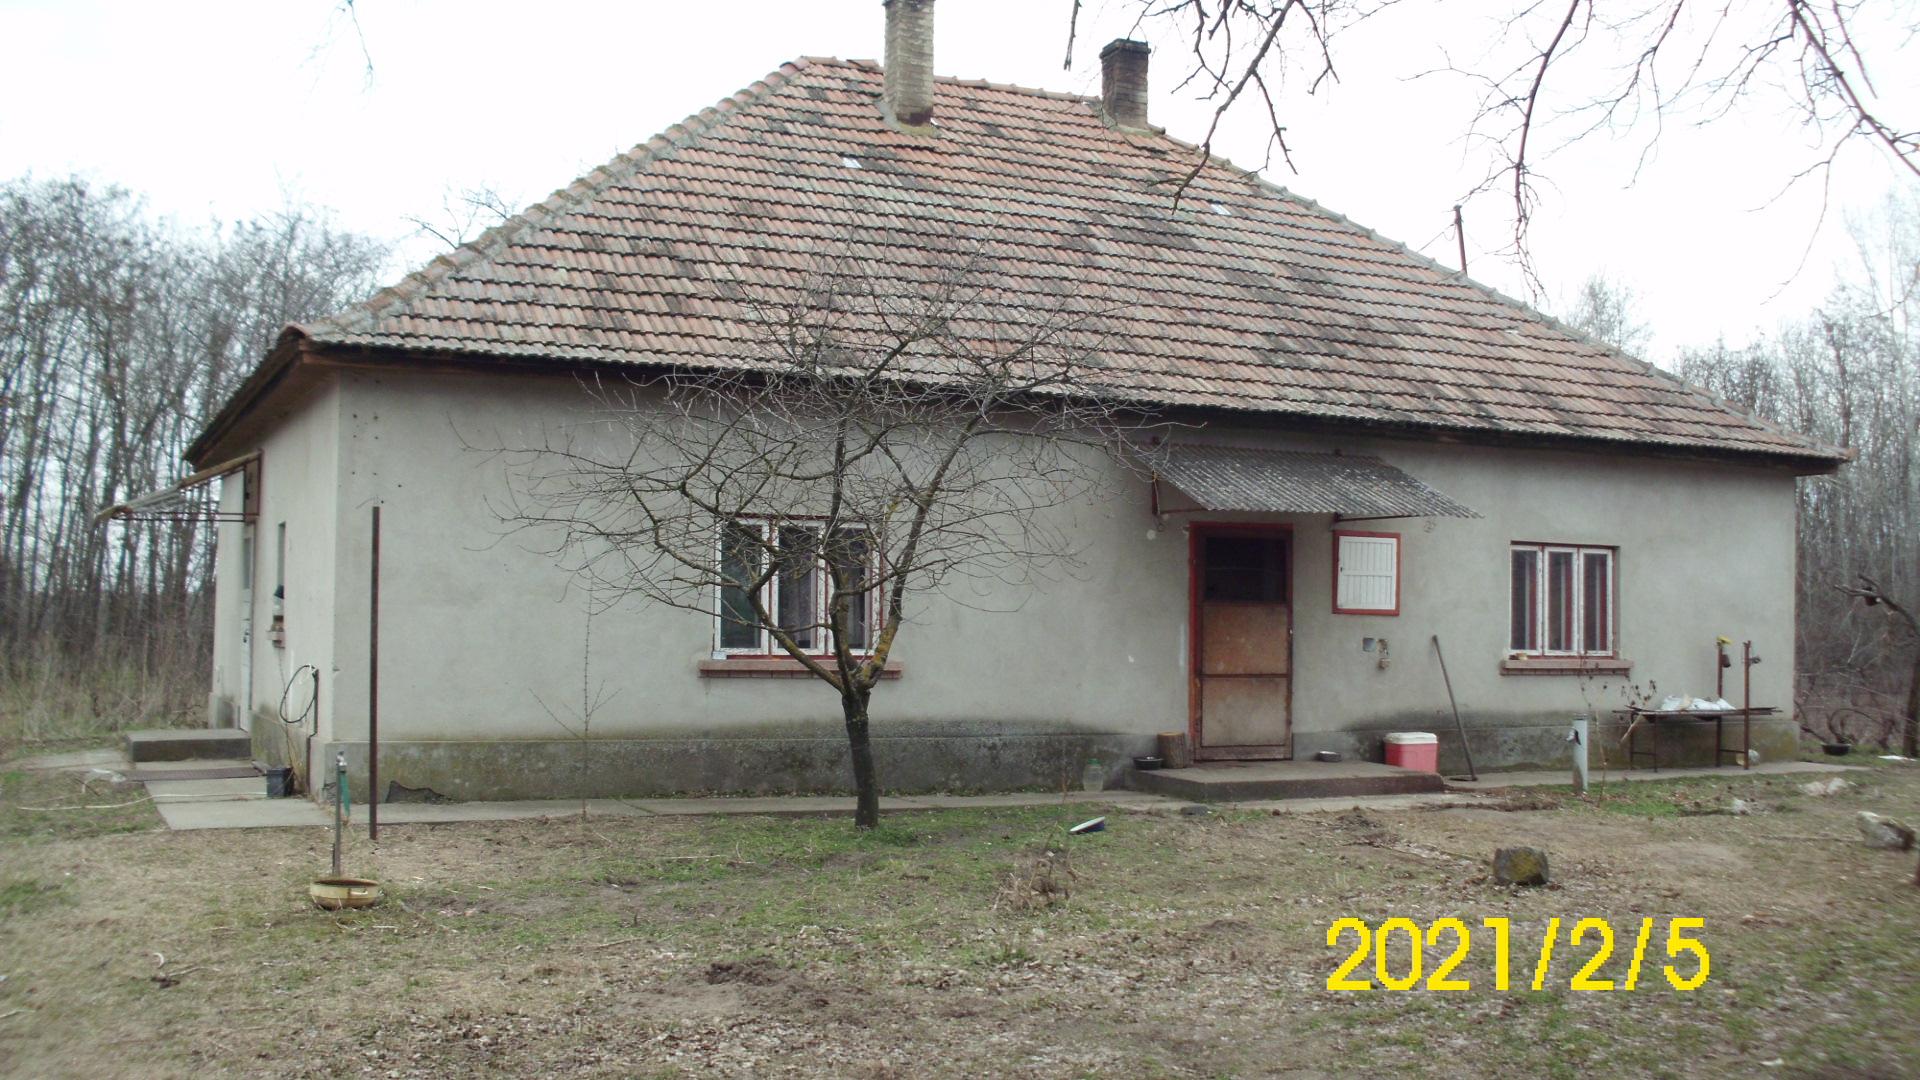 Balotaszállási 3 szobás tanya eladó